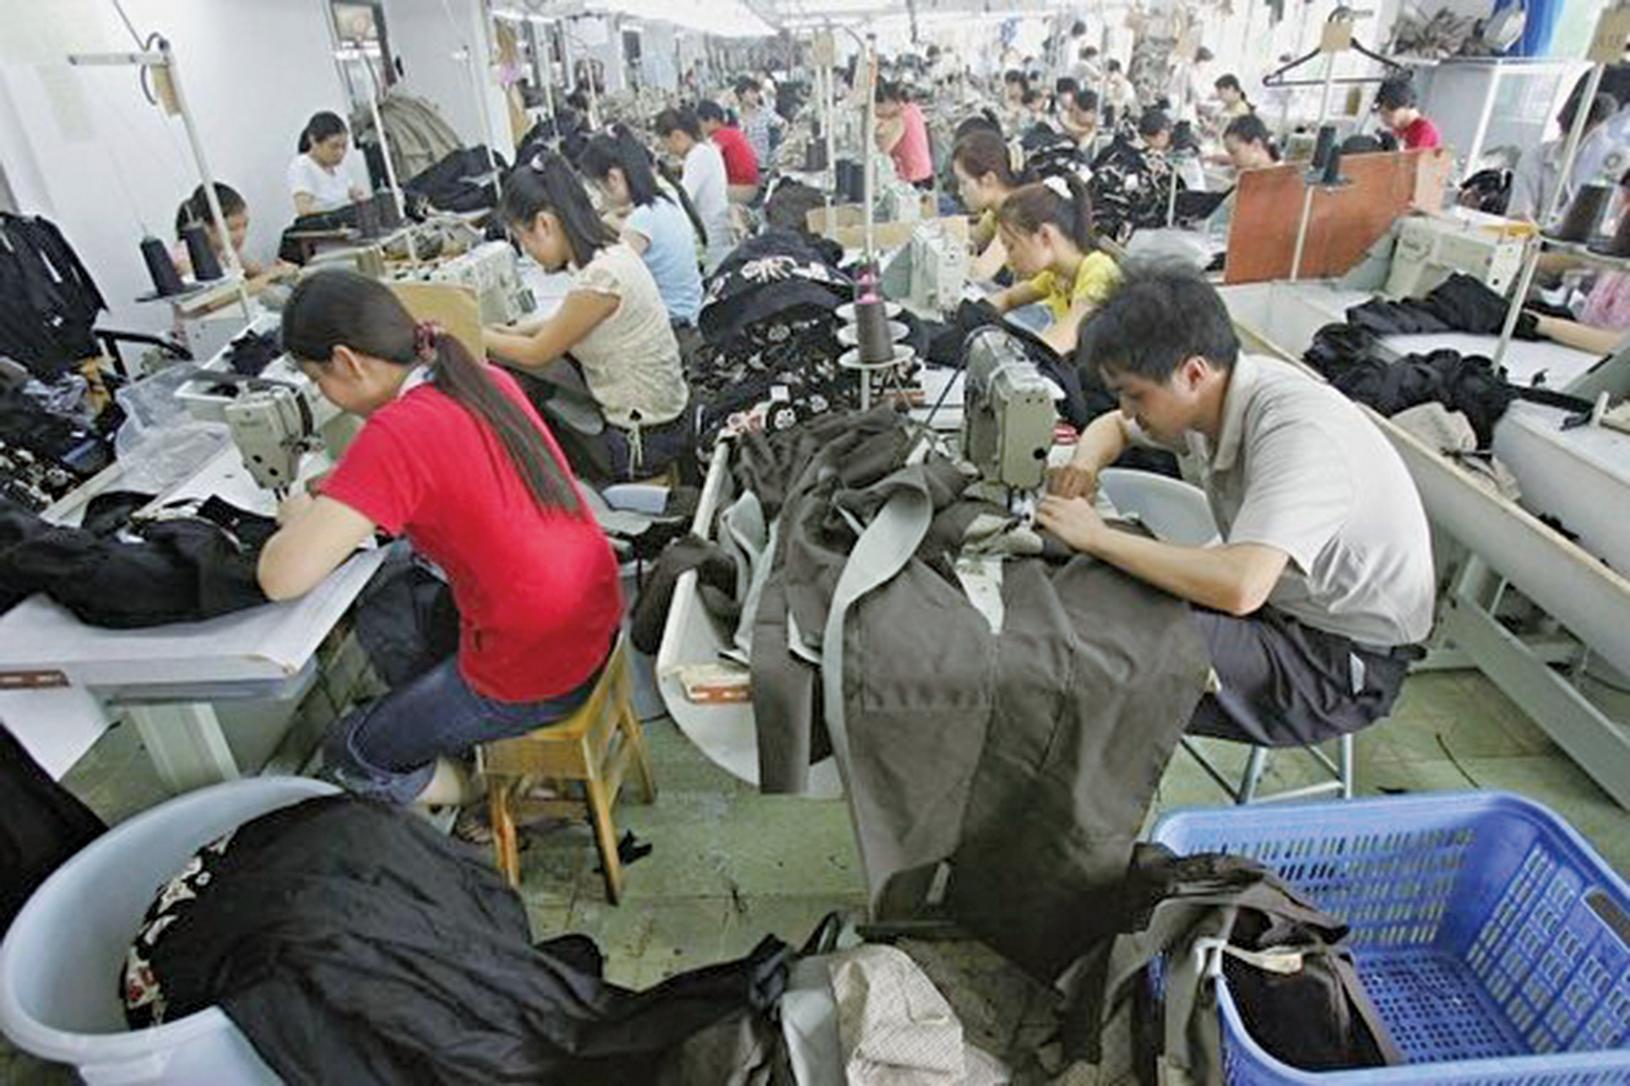 中共病毒重創中國經濟。專家數據顯示:新增失業人數或超過7,000萬;中國失業率佔城市人口約30%。(影片截圖)